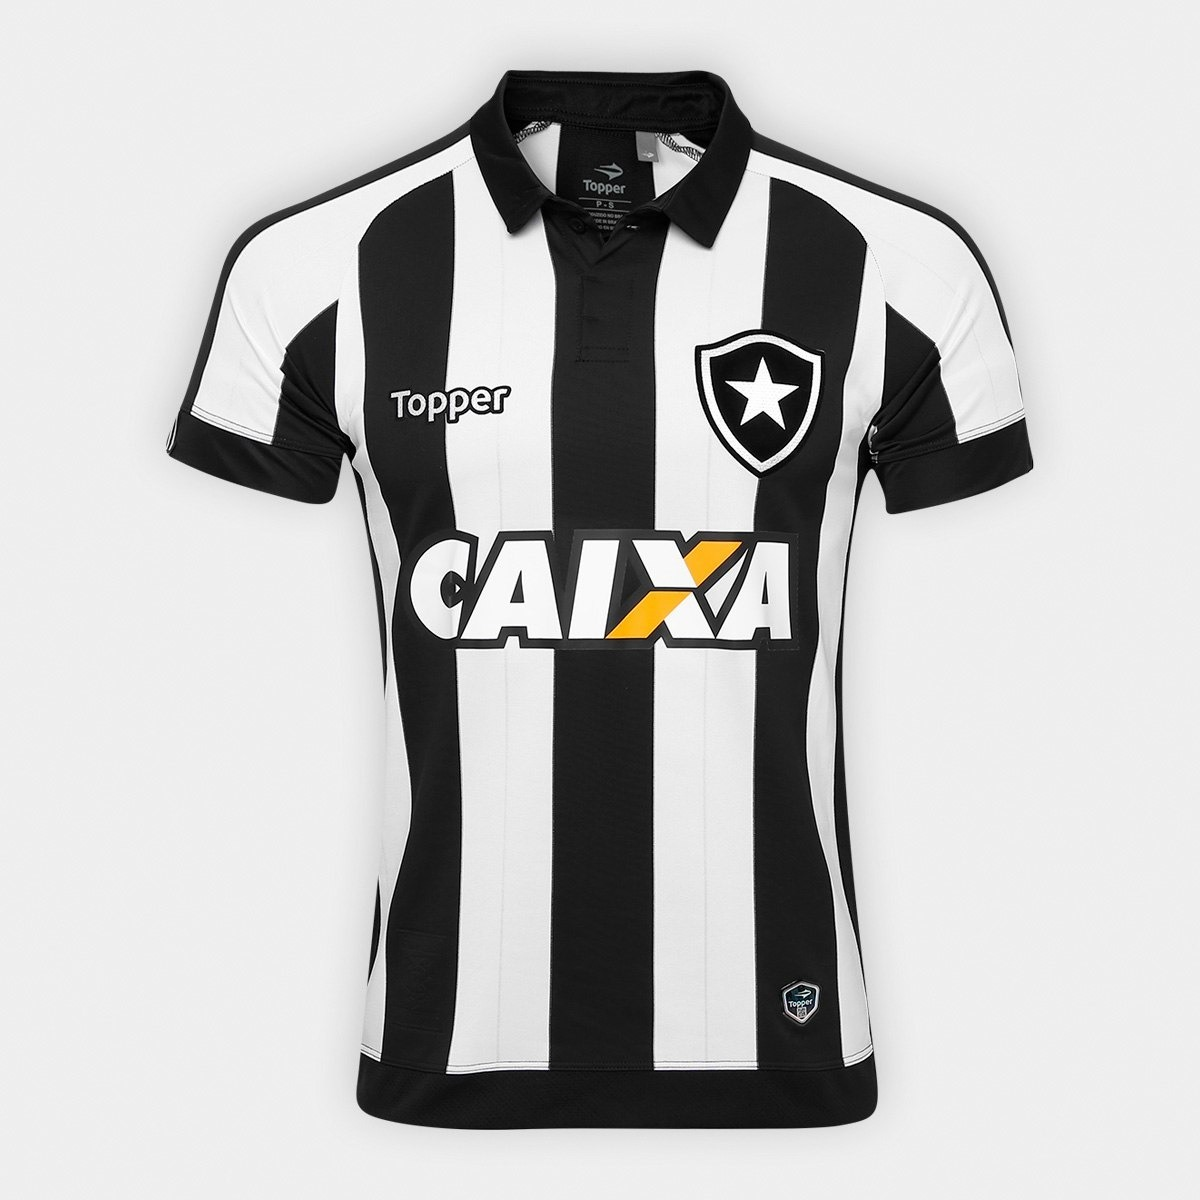 Camisa Masculina Botafogo 17 18 Original Promoção Jp Sports - R  119 ... ea331382d4287